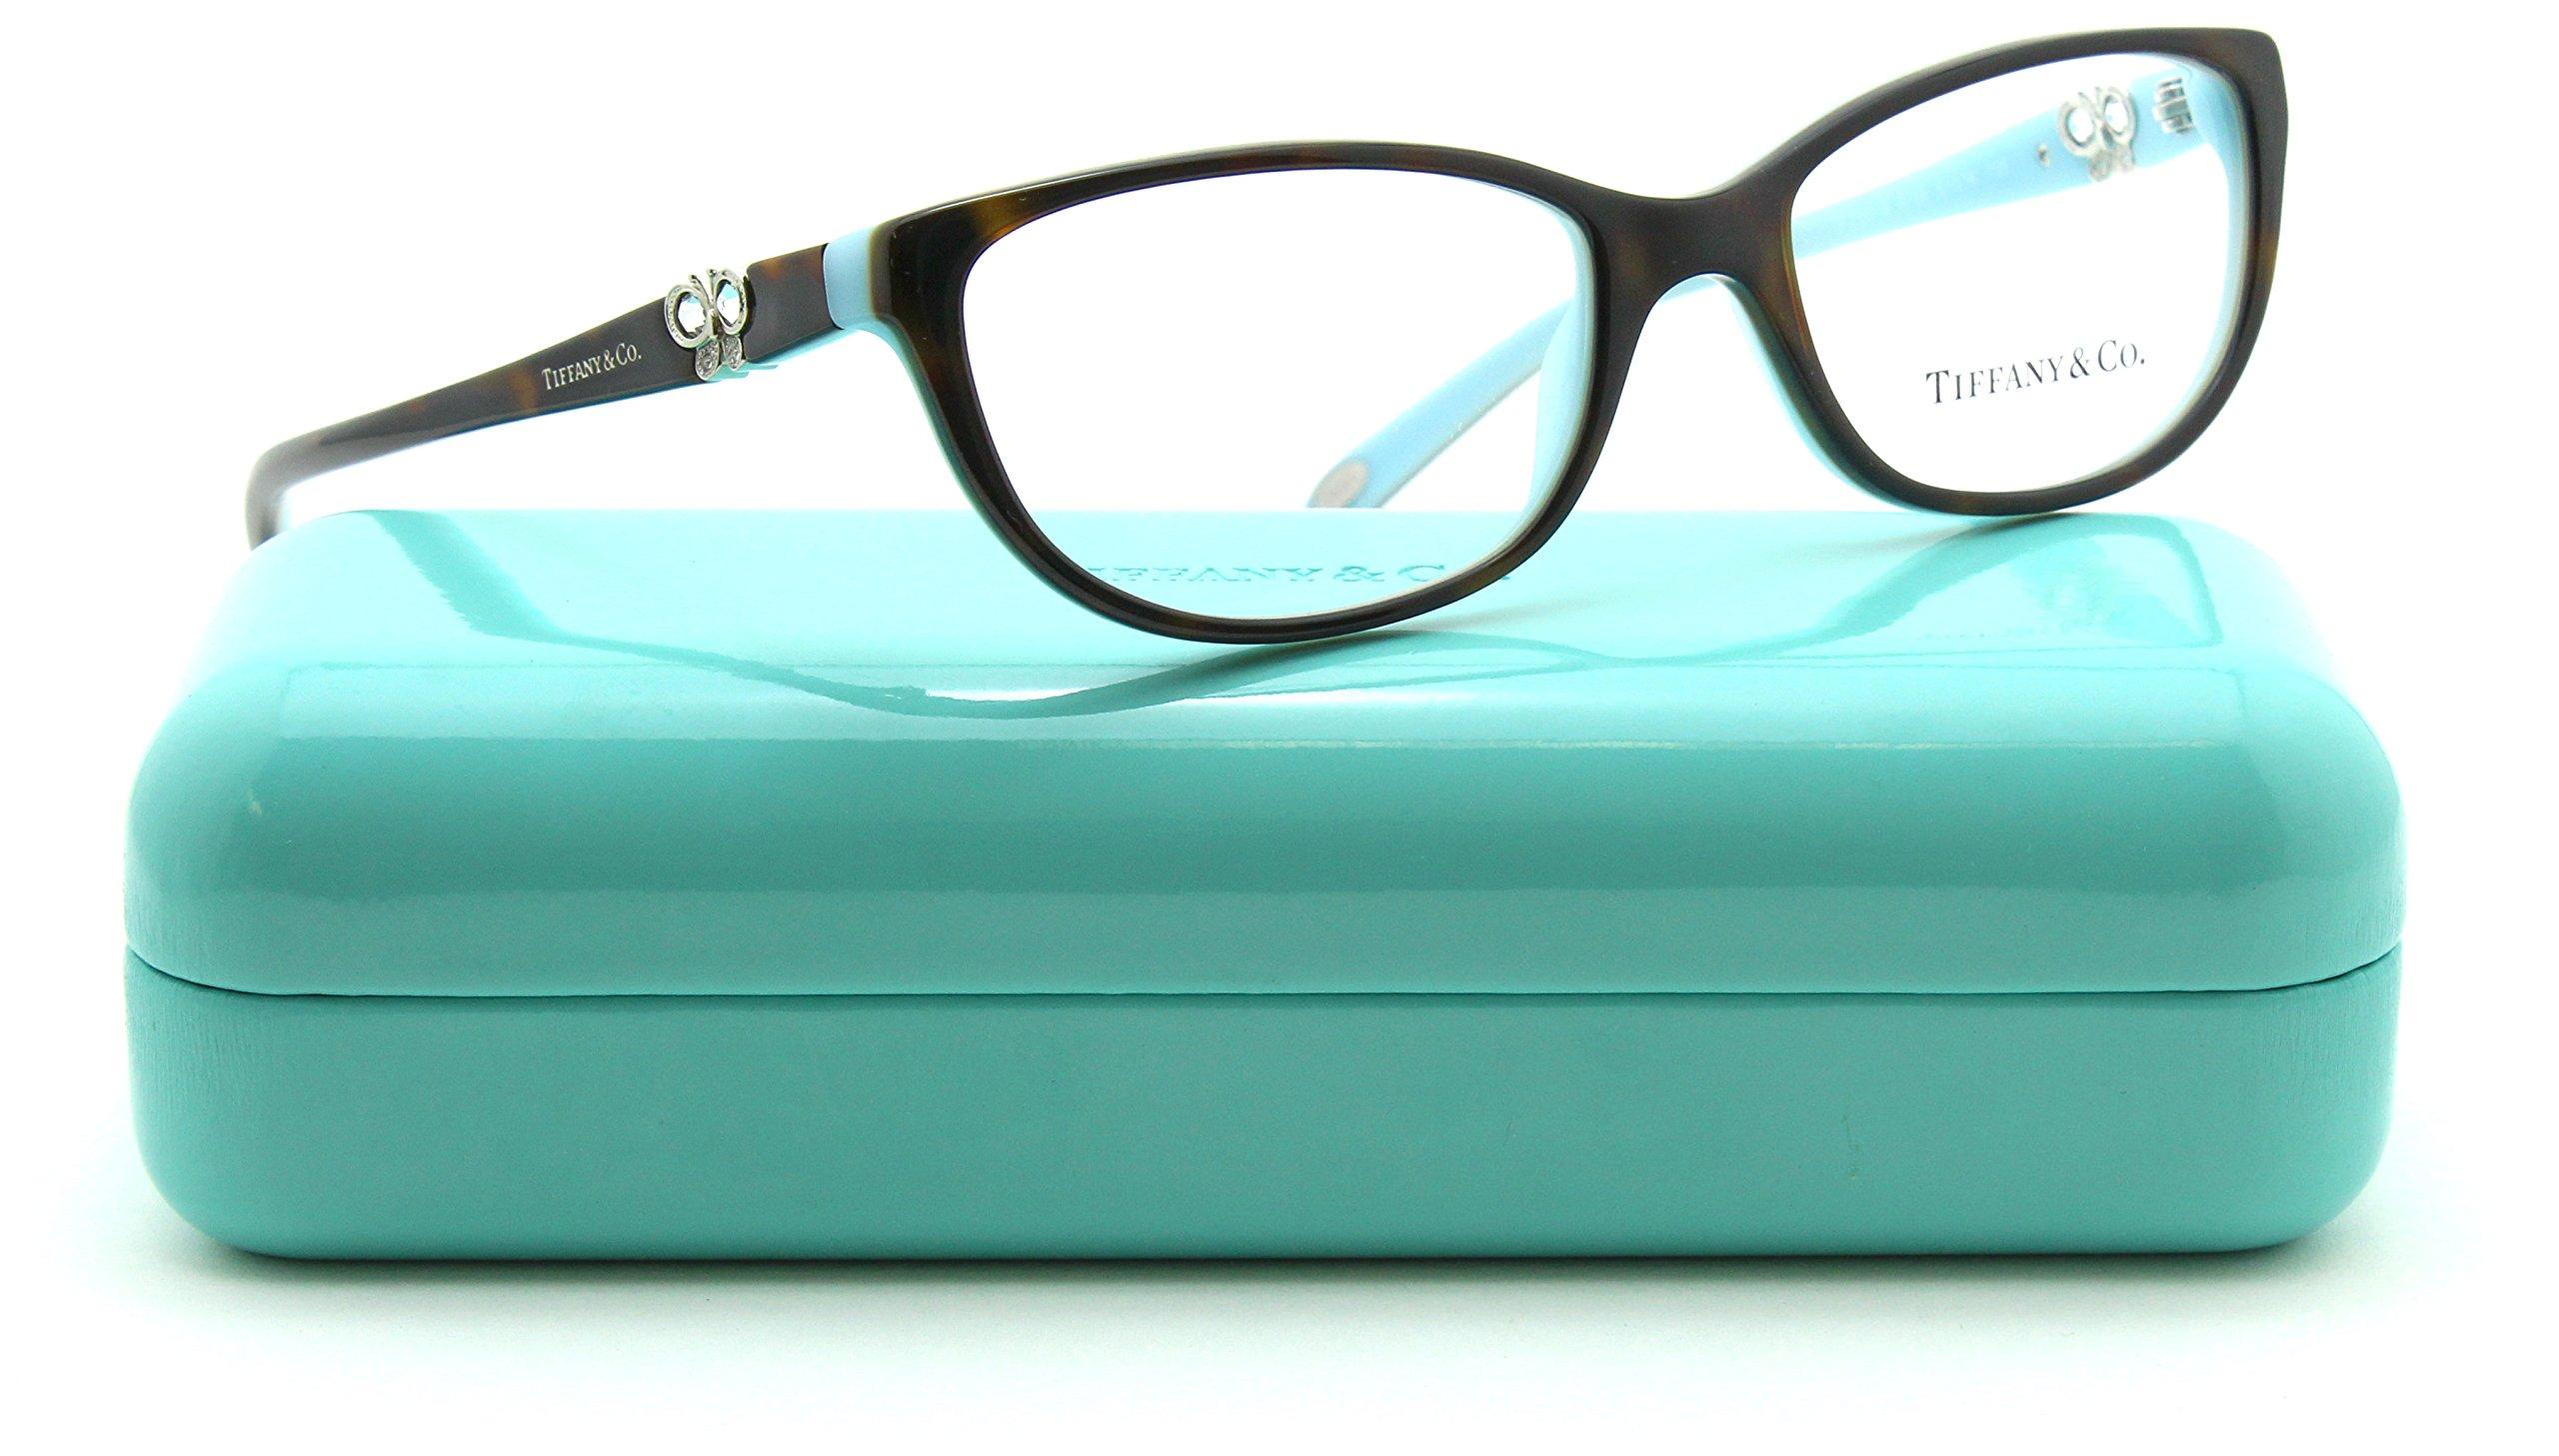 Tiffany & Co. TF 2051B Women Eyeglasses RX - able (8134) 51mm